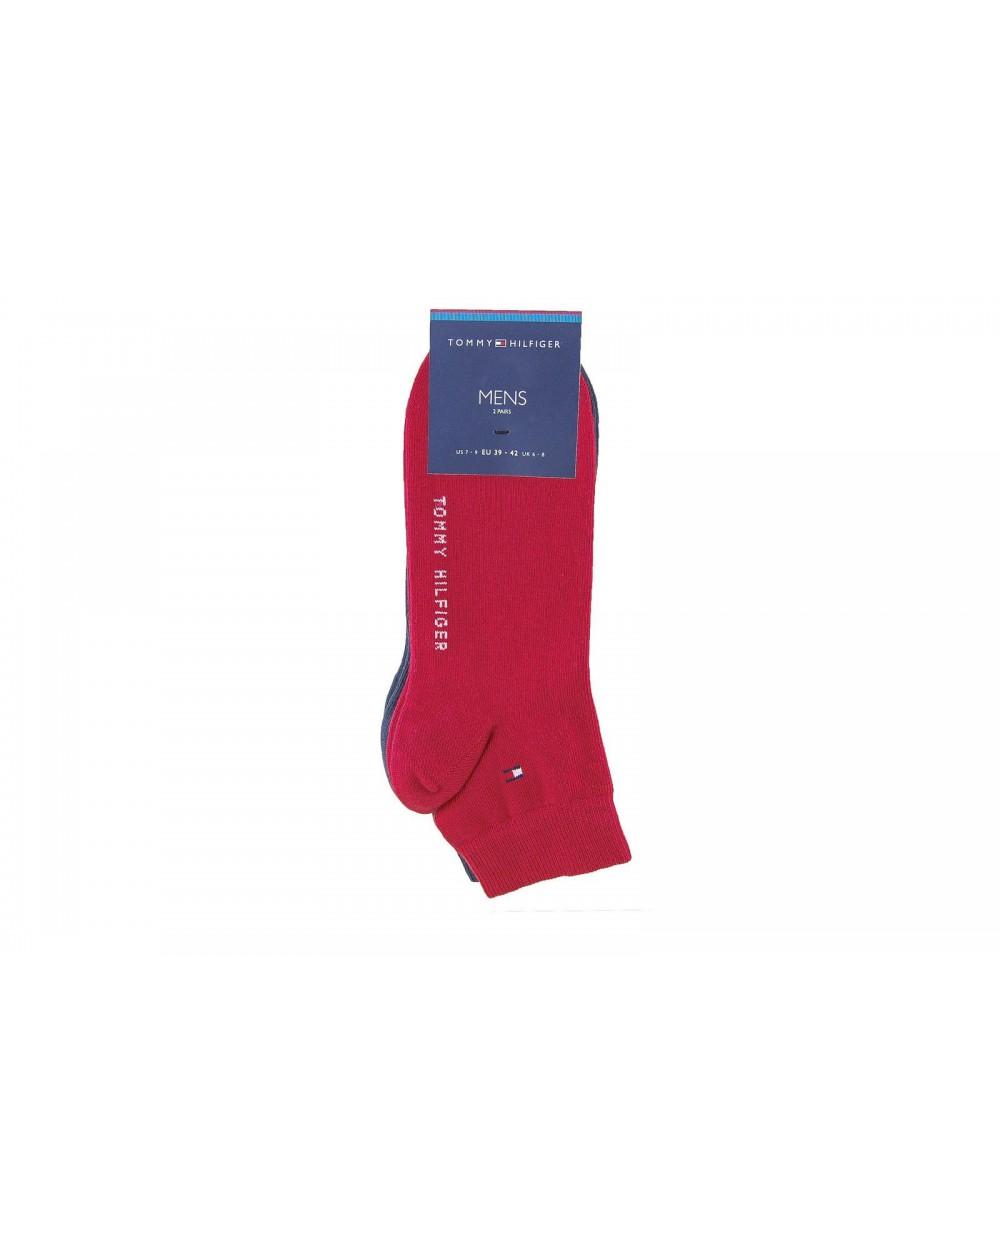 Skarpety TOMMY HILFIGER - 342025001 085 czerwony, granatowy